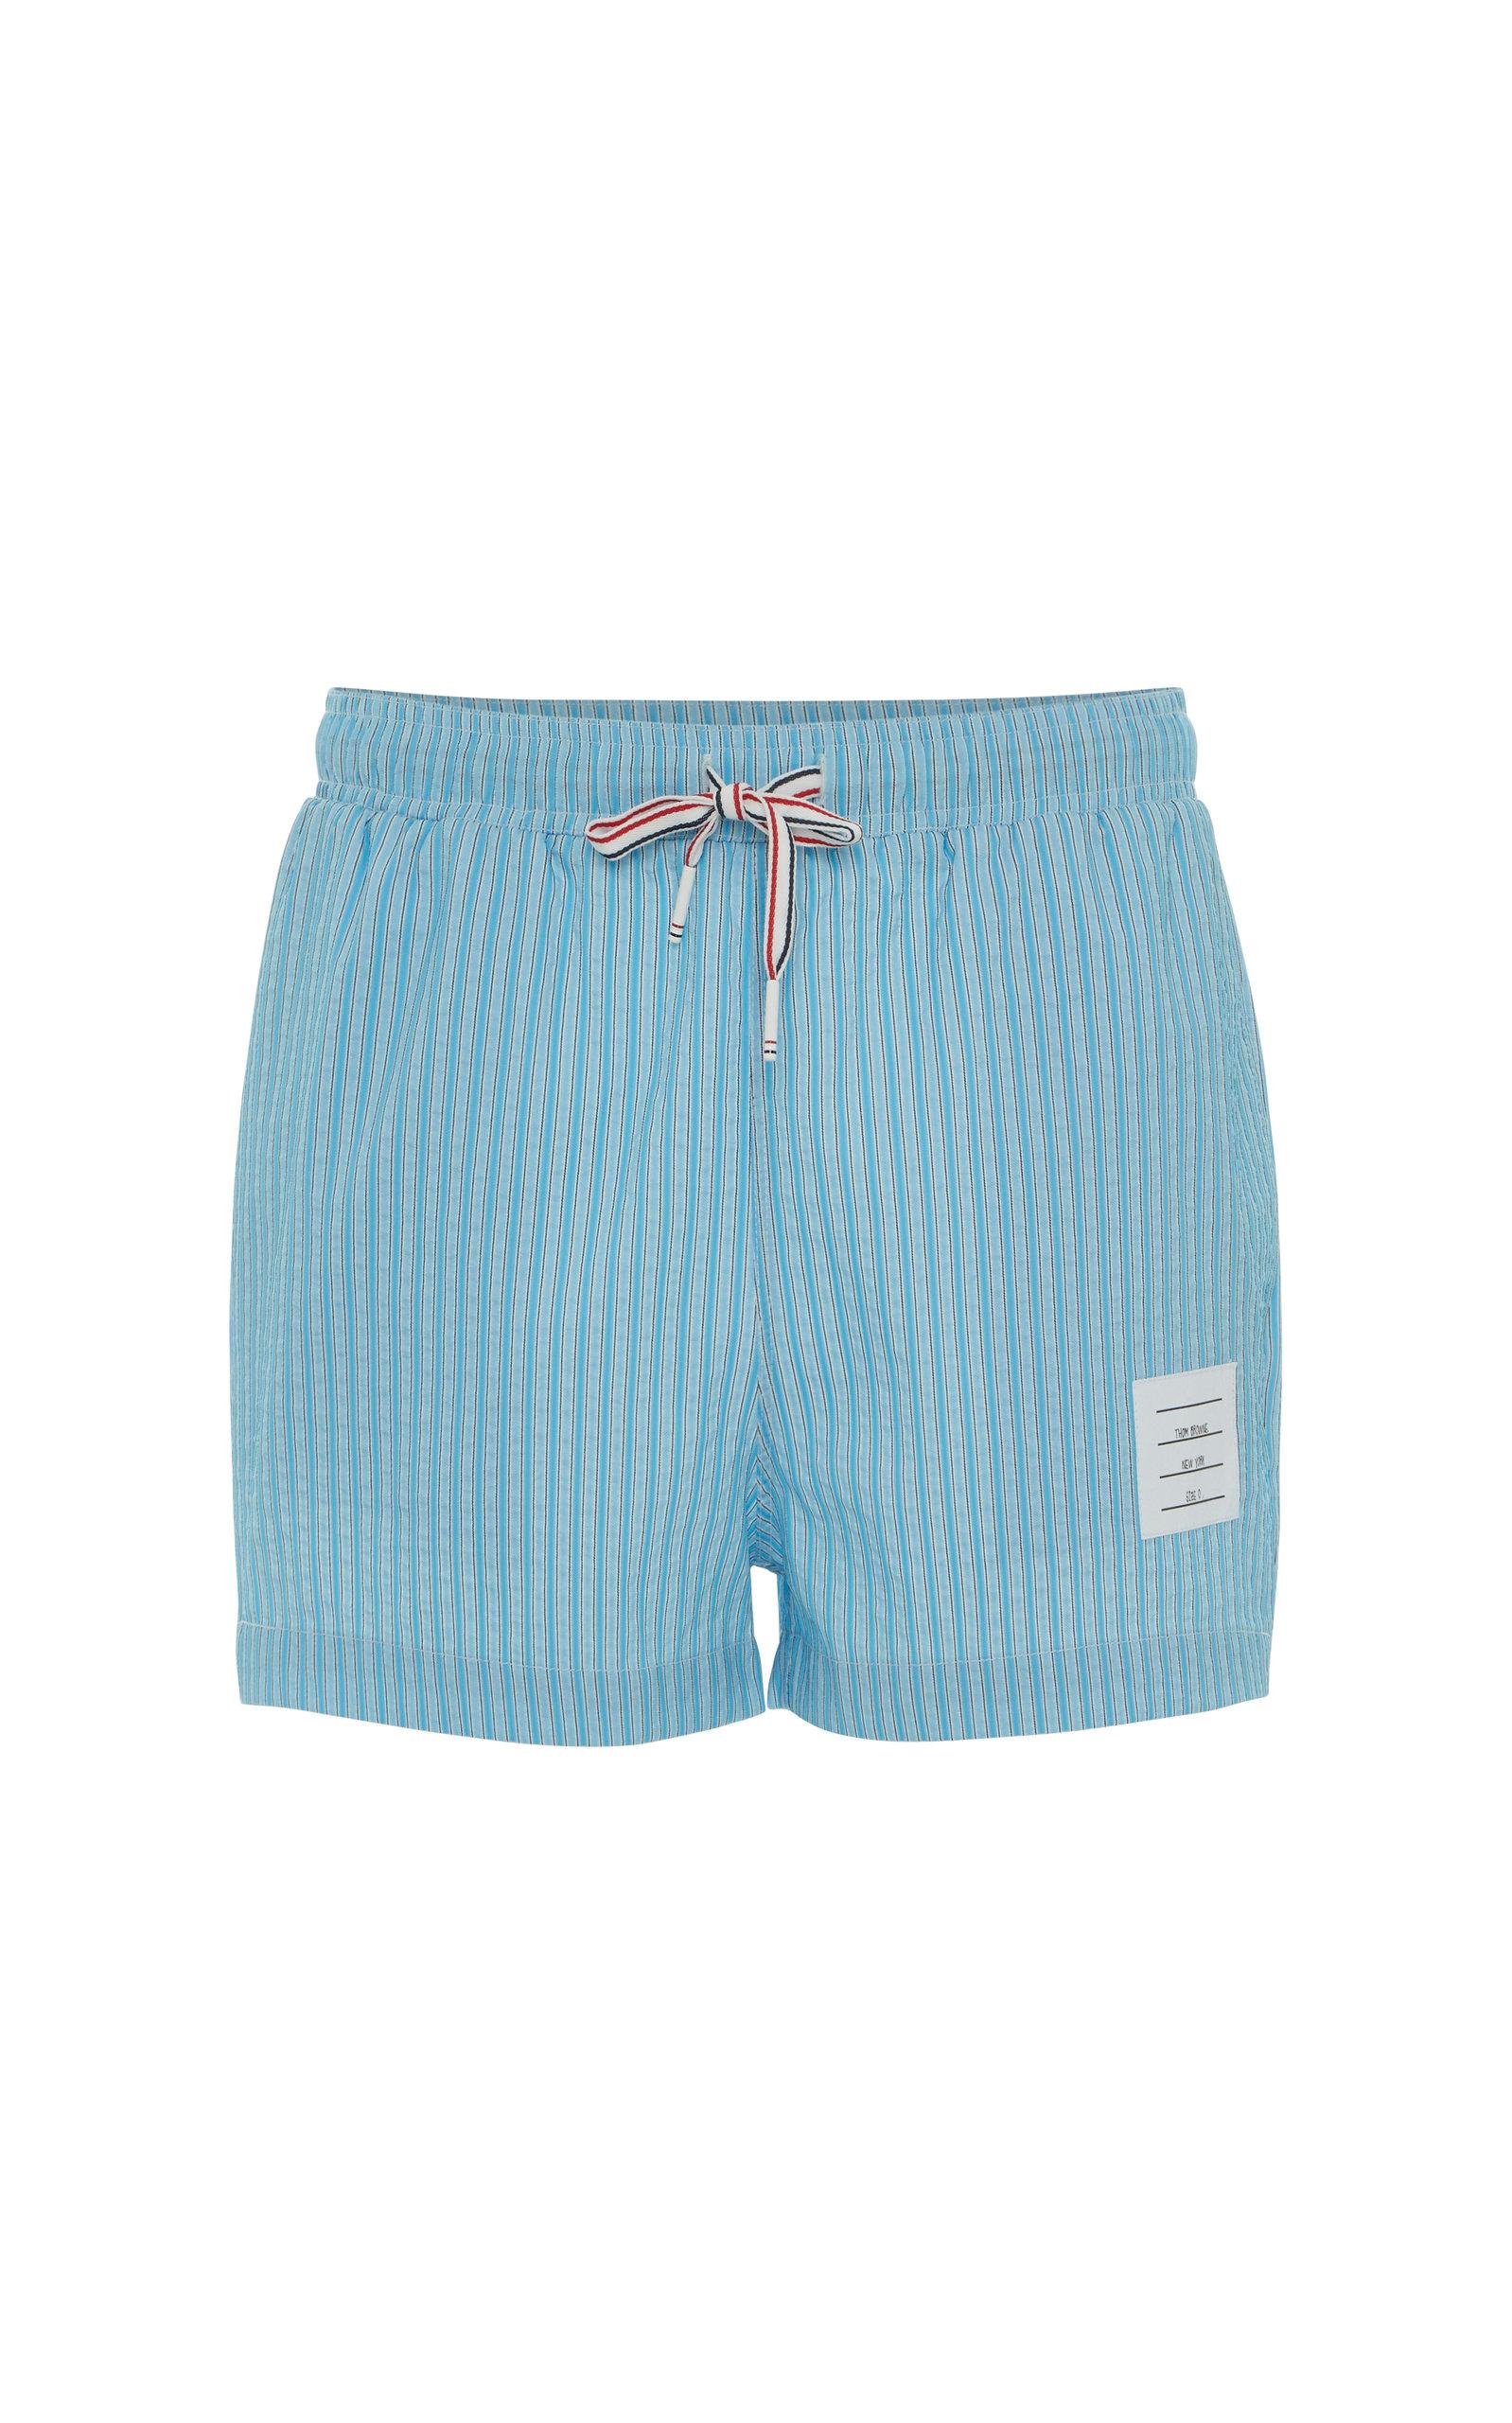 75d1a7c83968f Thom Browne Striped Seersucker Swim Short In Blue | ModeSens